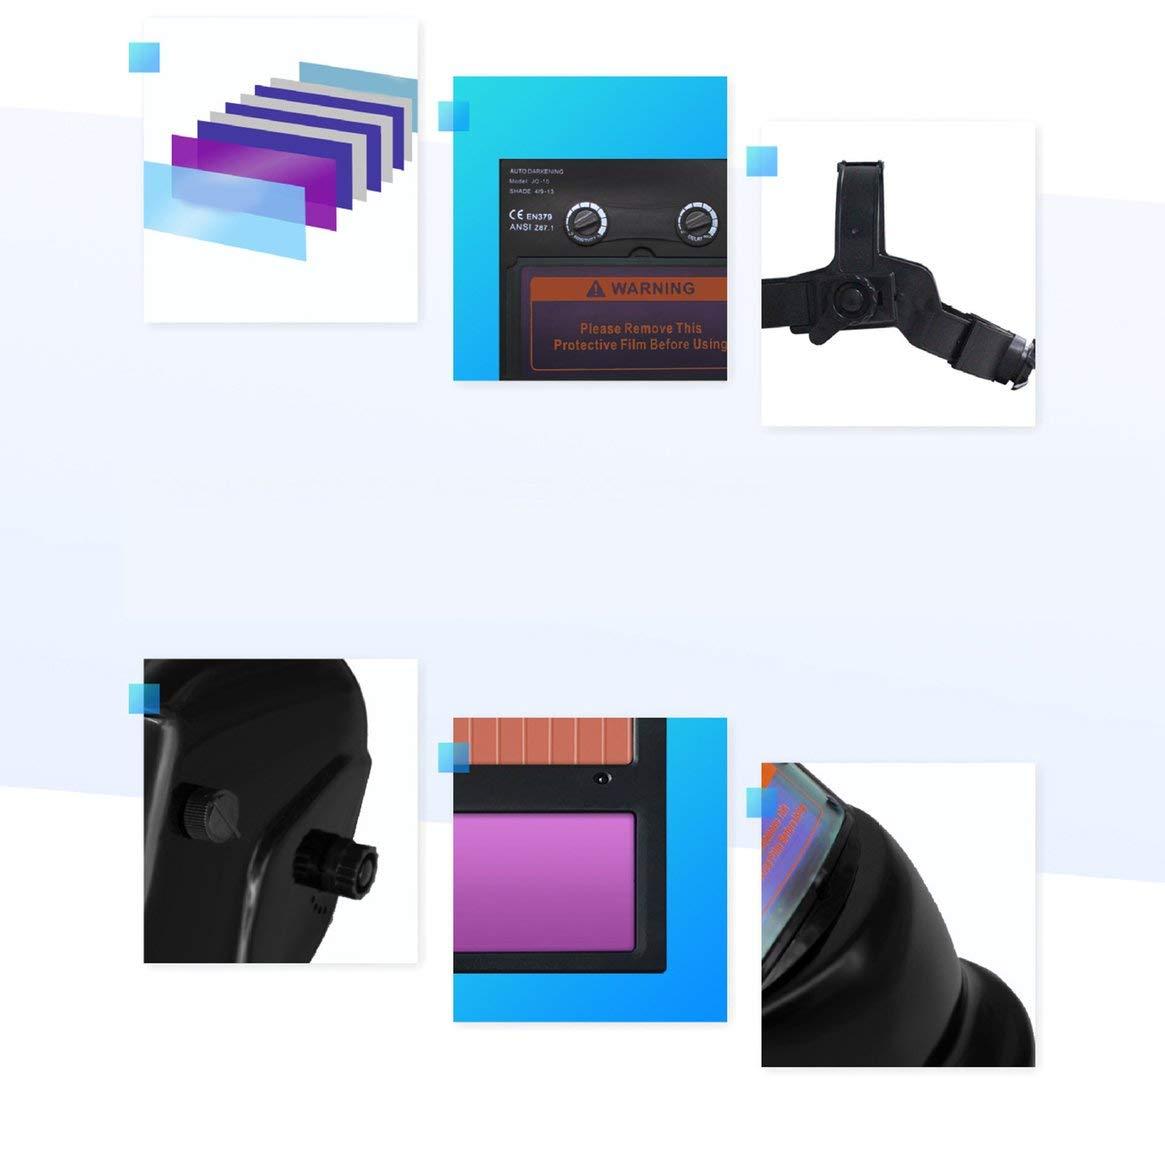 Soudage /Écran de Protection Protection du Travail Soudure Photo/électrique Variable Automatique Masque Soudage Masque de Soudeur Grand Champ de Vision Noir Brillant